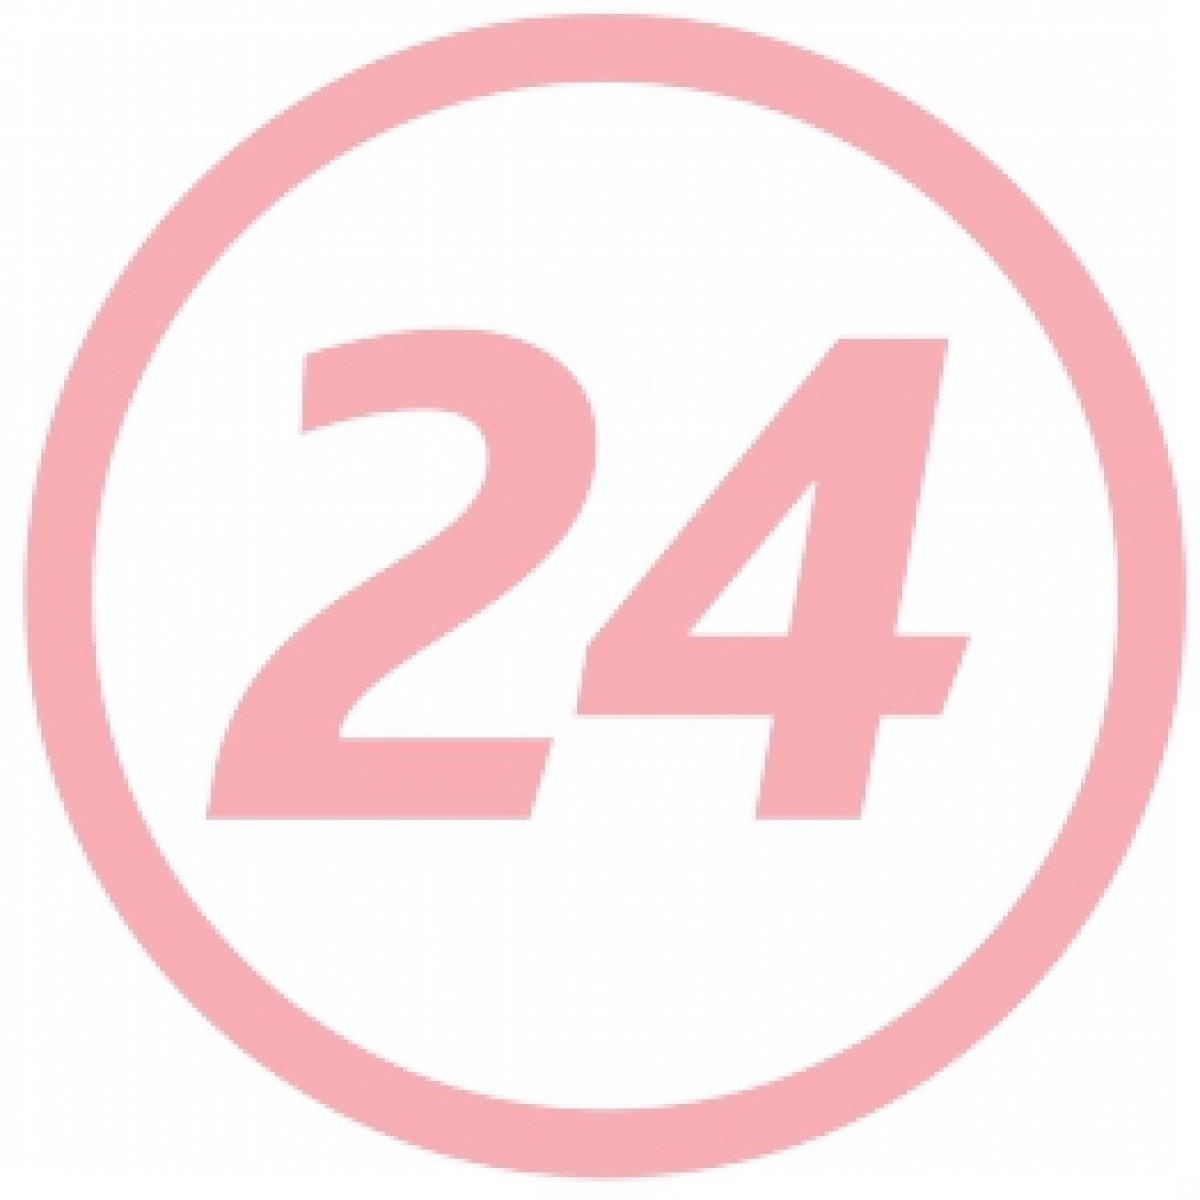 Ducray A-Derma Exomega Control Crema Emolienta, Crema, 200ml